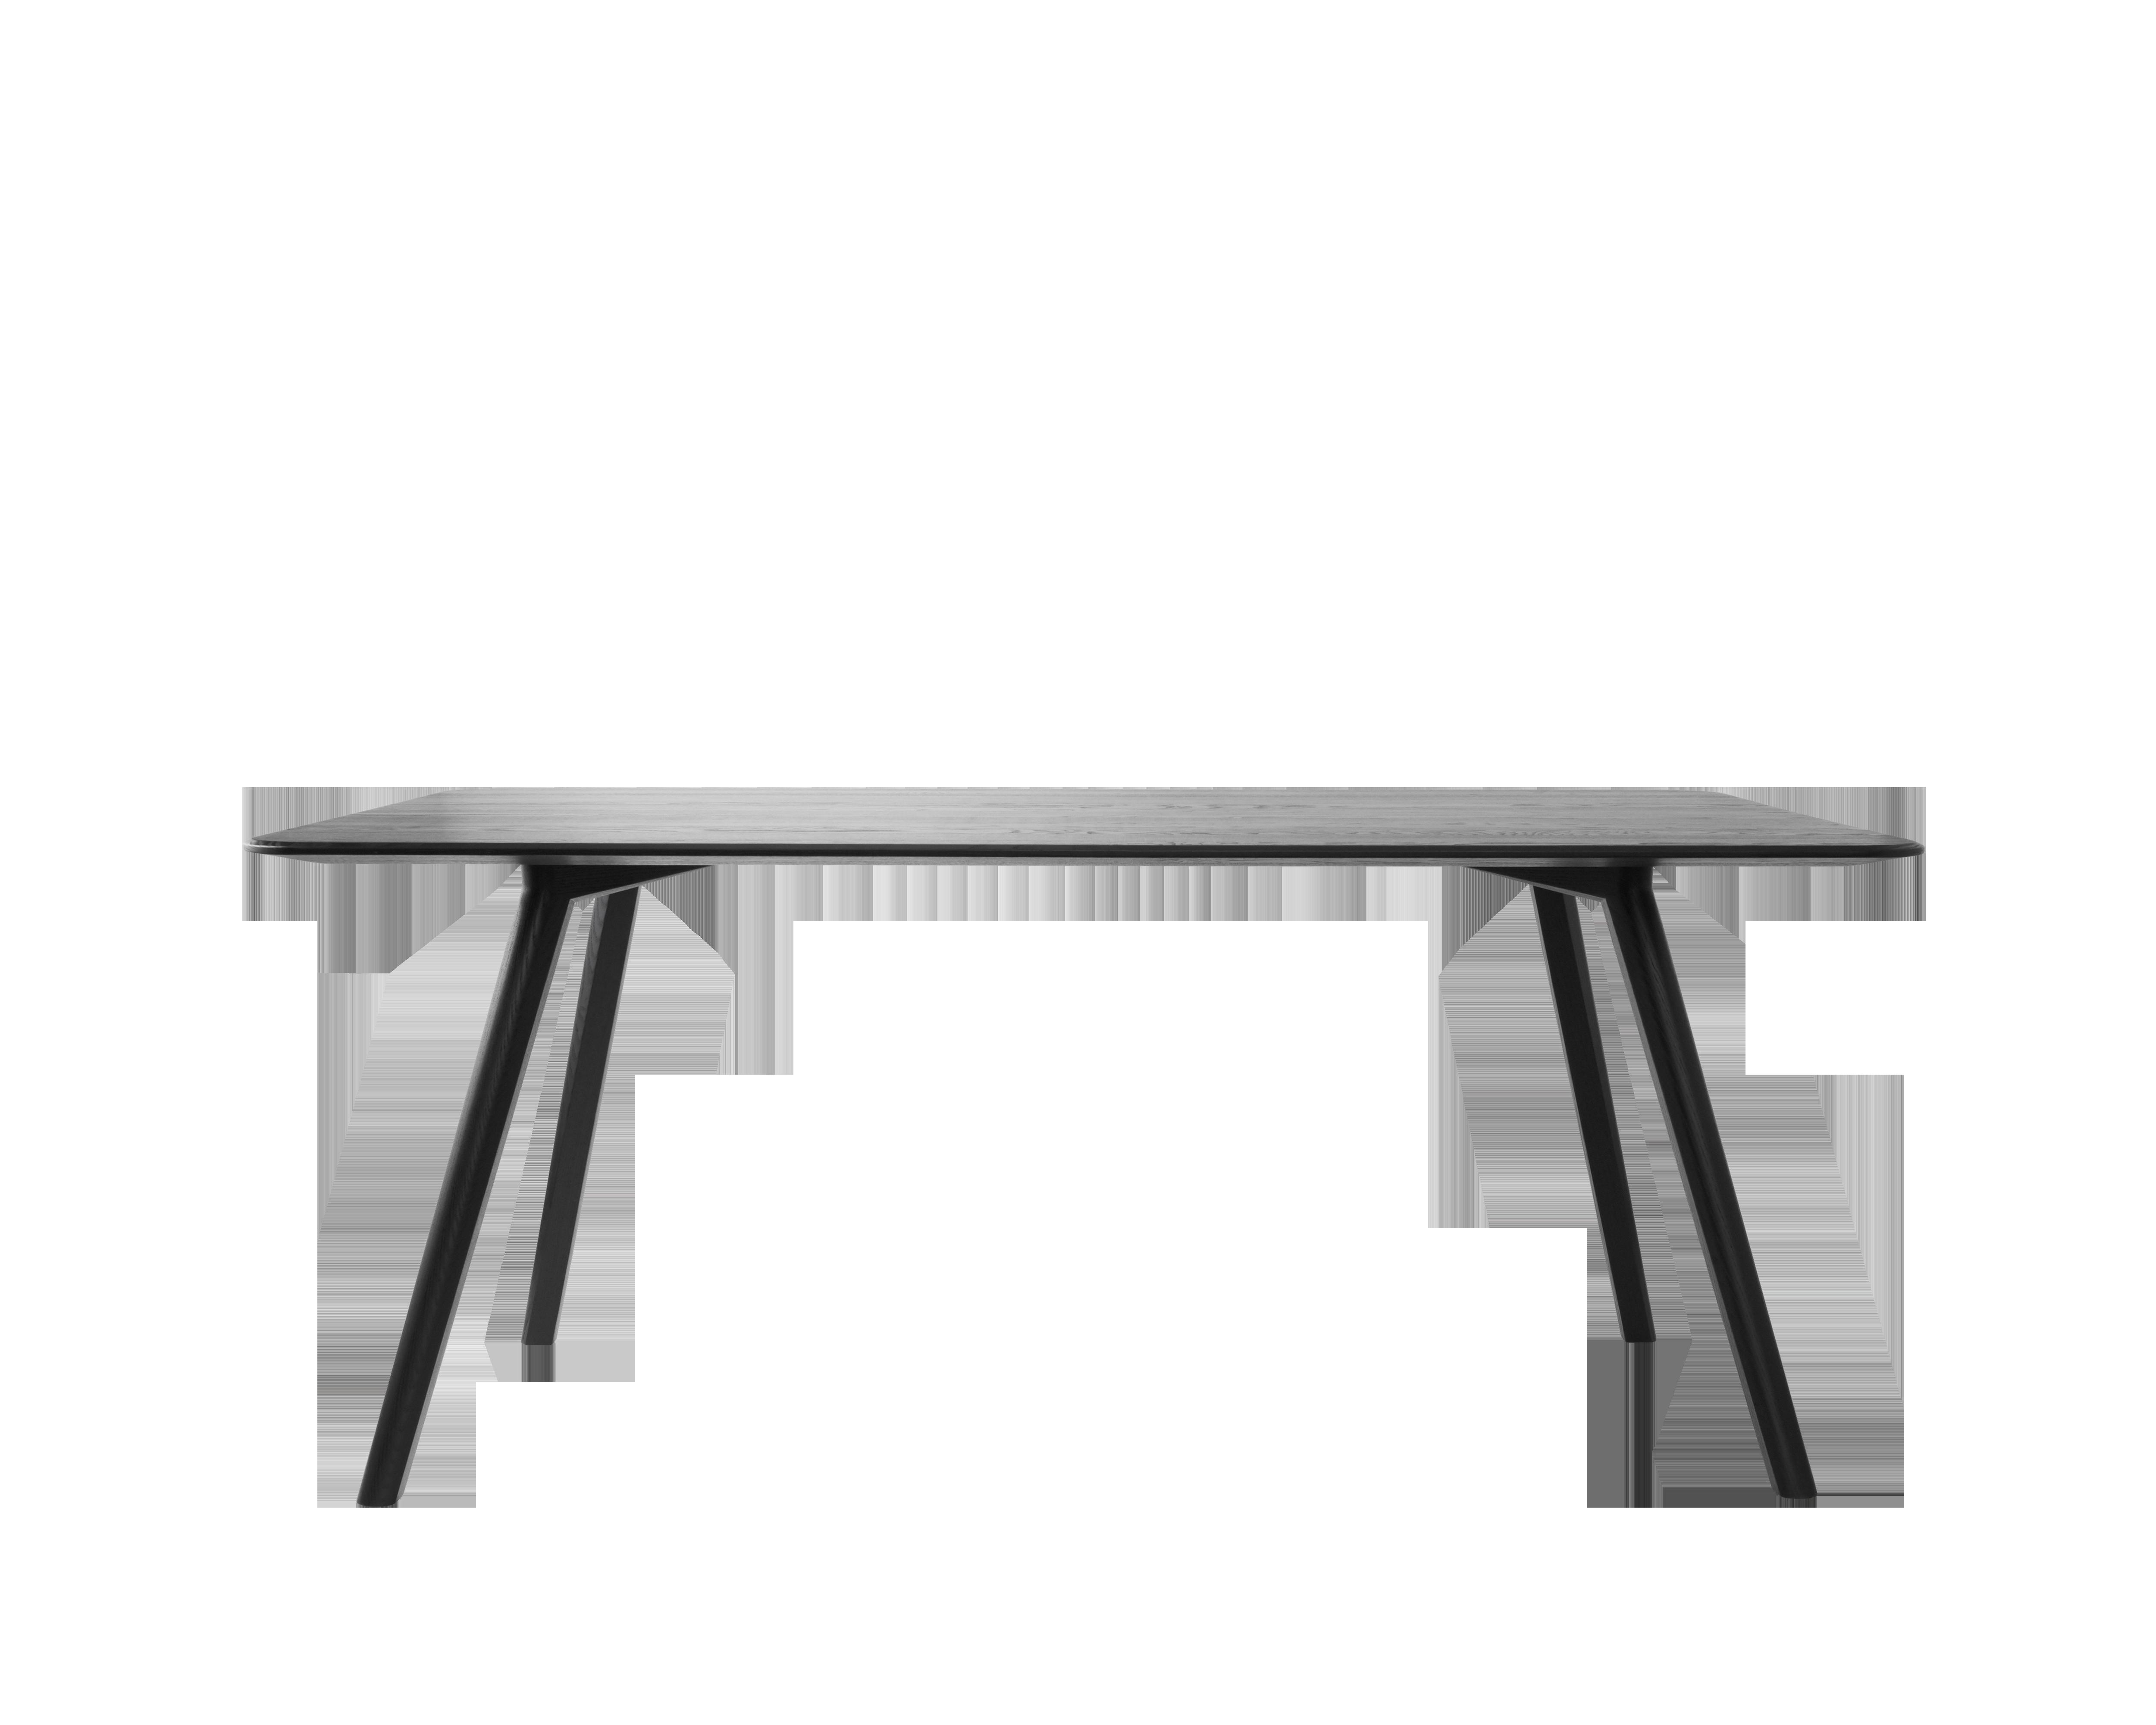 Objekte unserer Tage Tisch Large - Kopieren 01